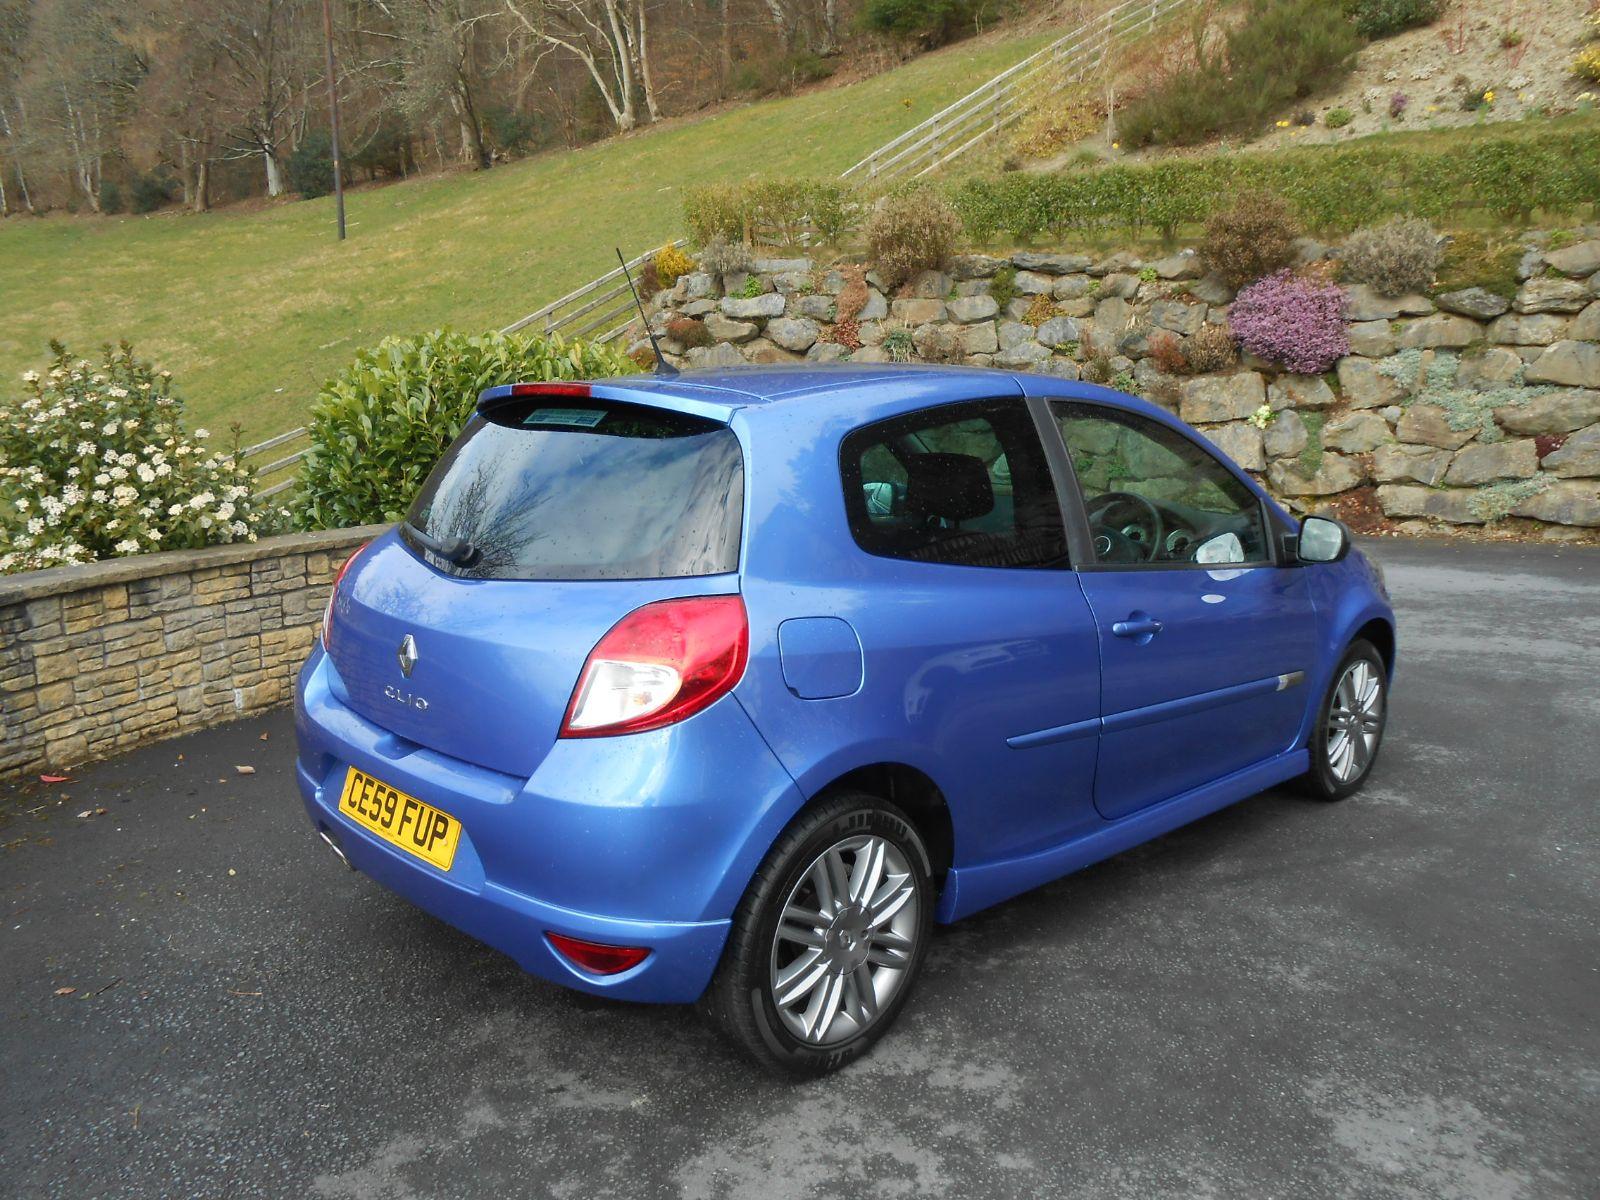 Renault Clio 1 6 Gt 3 Door Car For Sale Llanidloes Powys